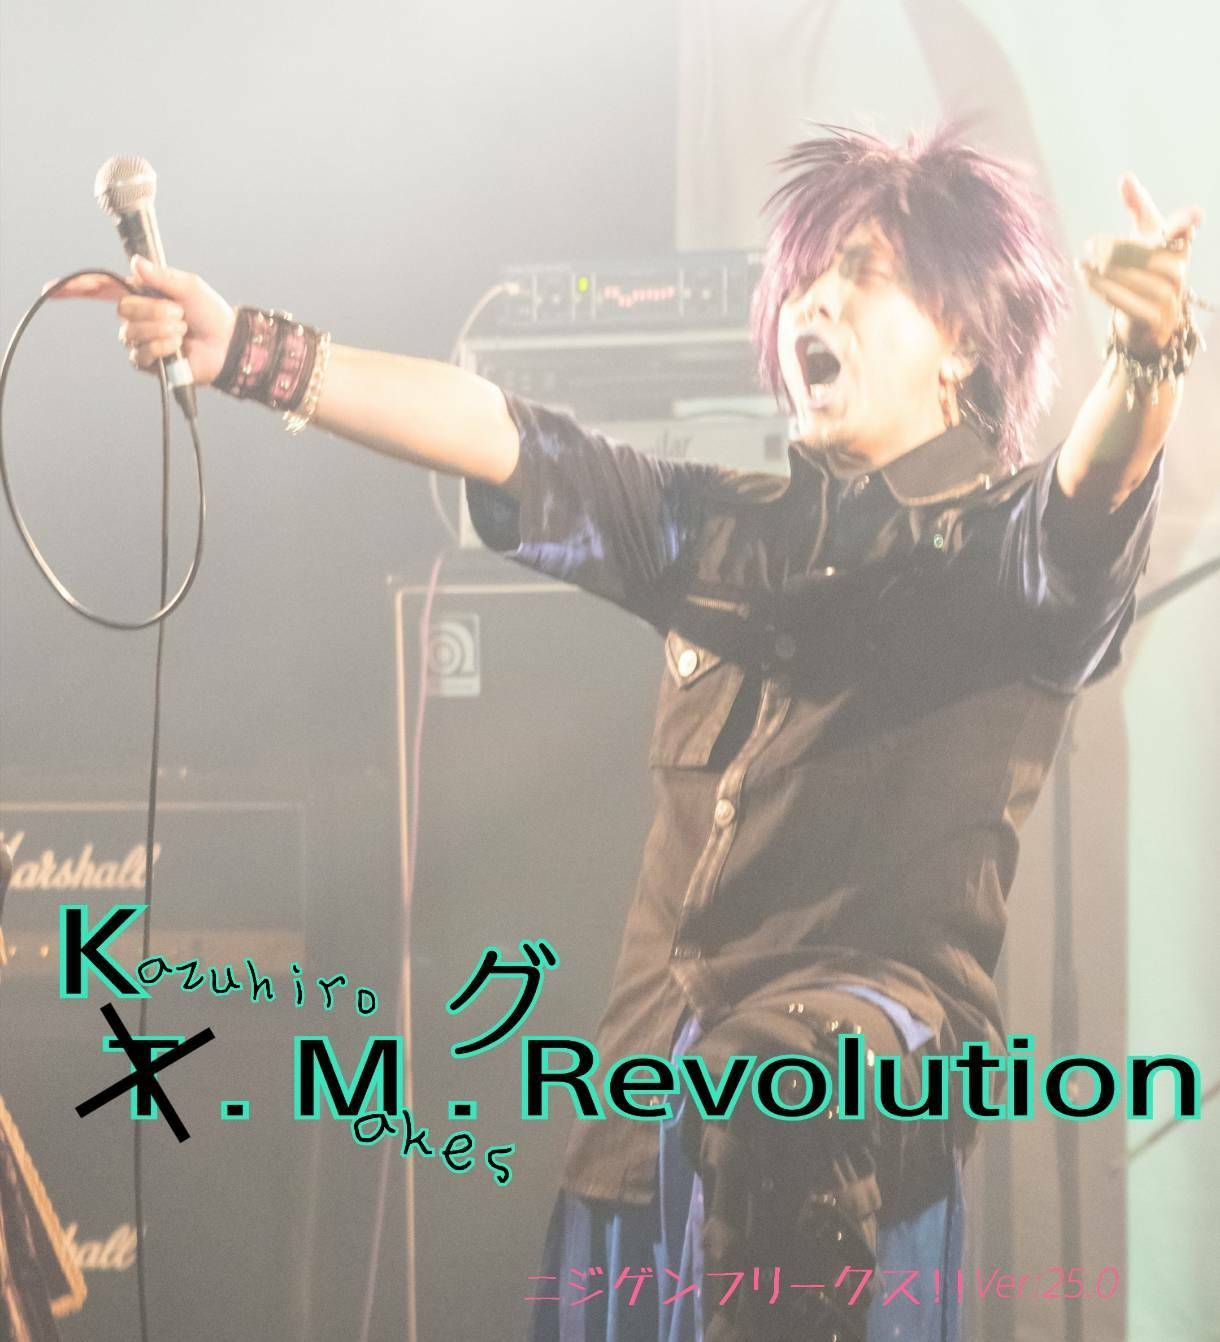 Kazuhiro Makes グレボリューション